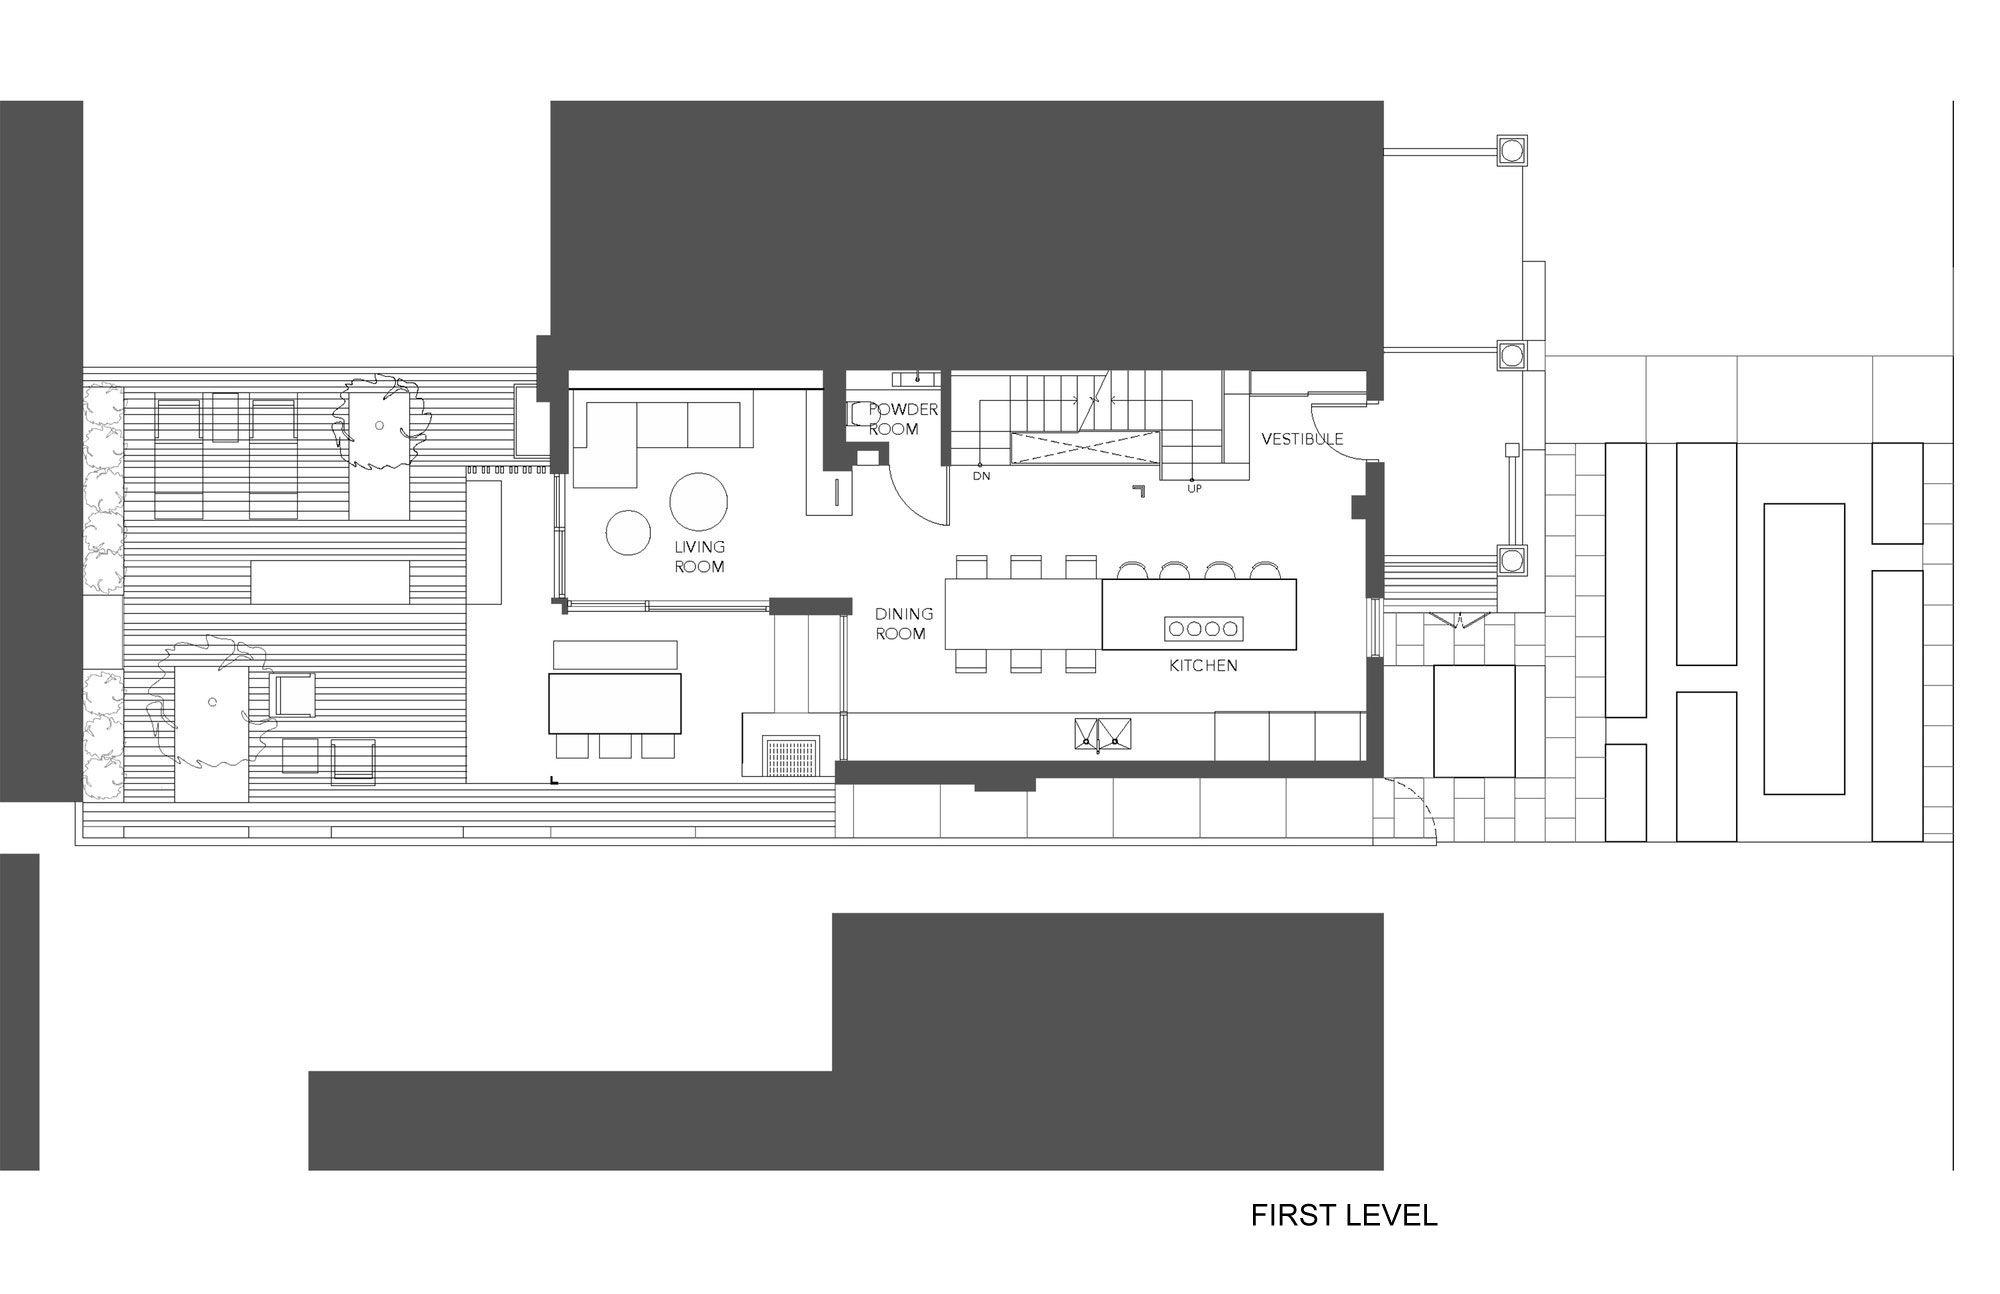 Planos de casa de dos pisos sencilla for Planos de casas de 2 pisos